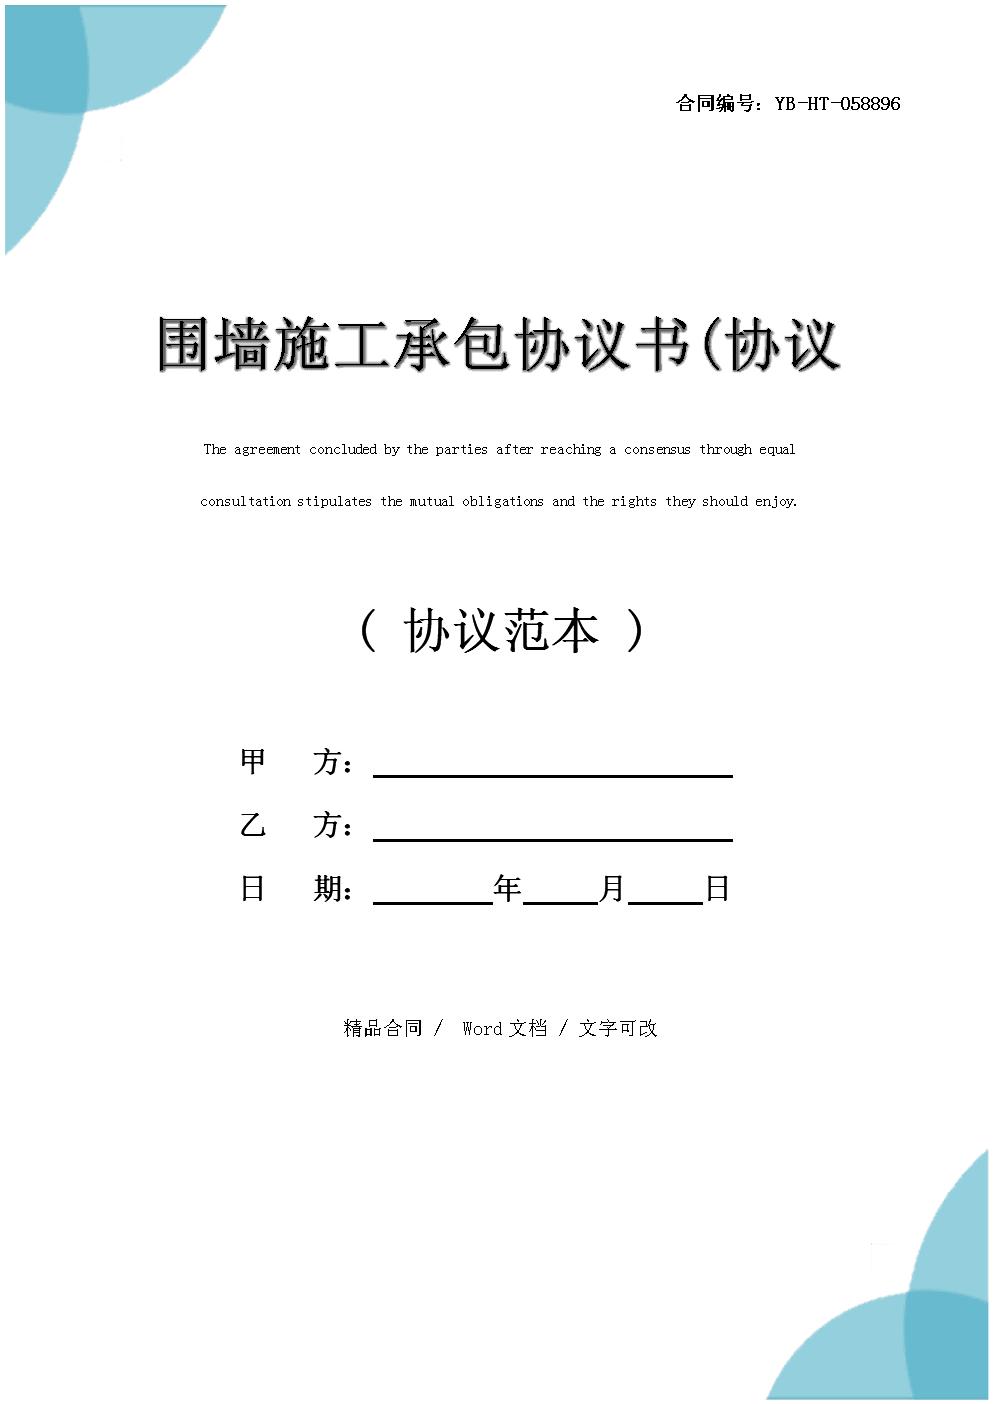 围墙施工承包协议书(协议示范文本).docx